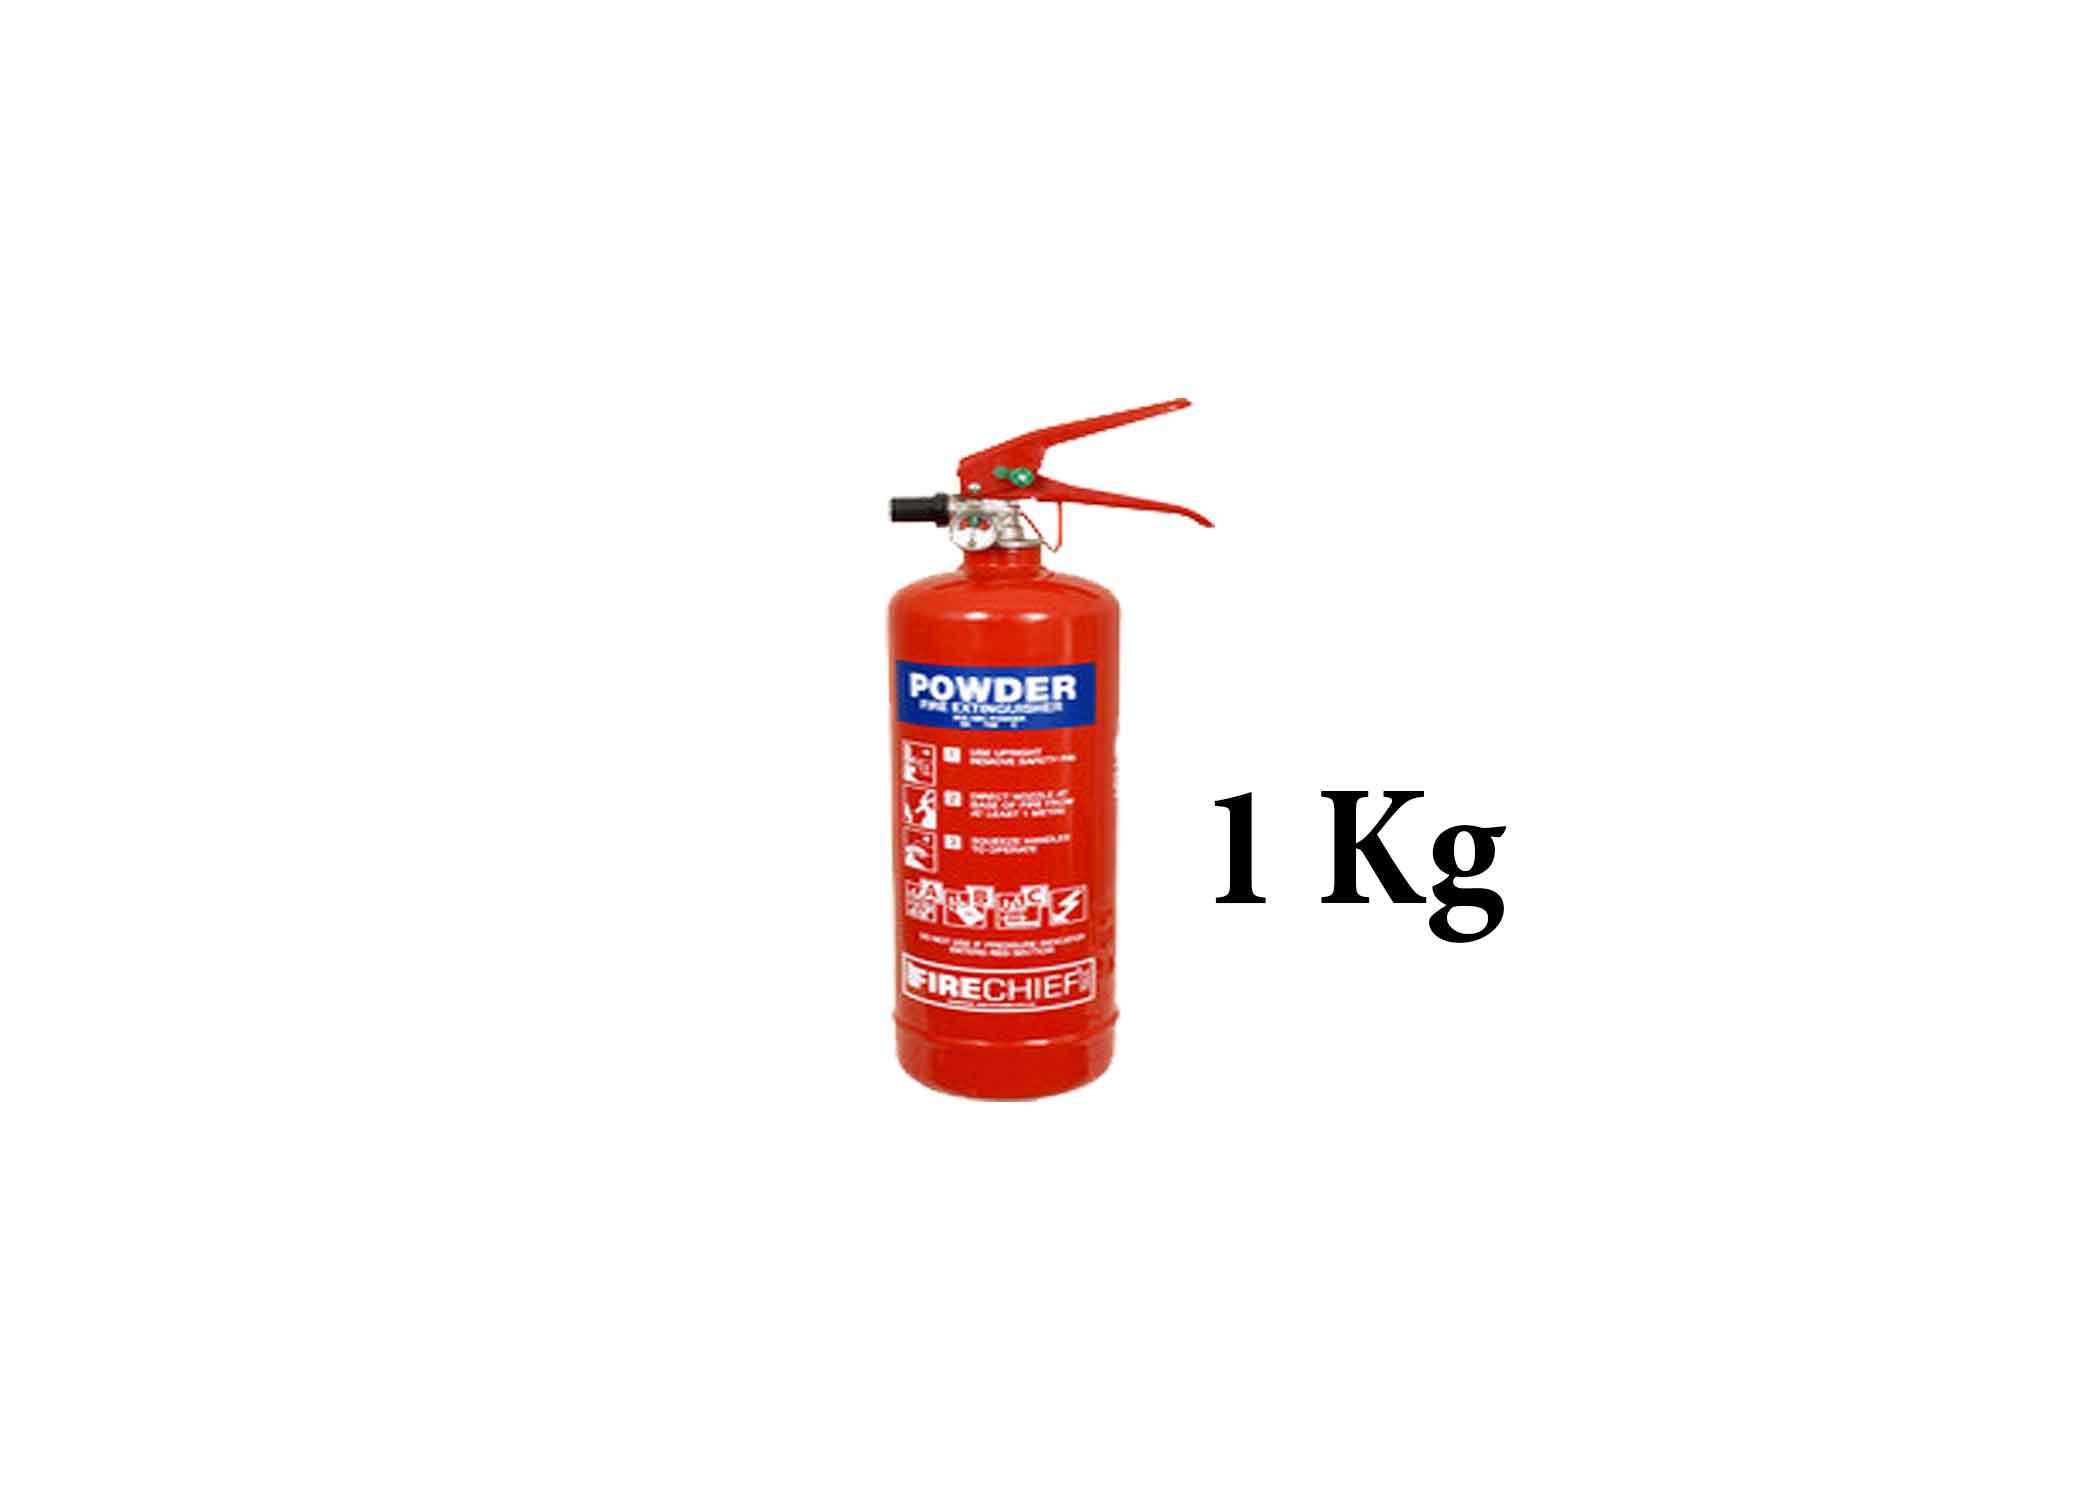 1 KG ABC Dry Powder Fire Extinguisher